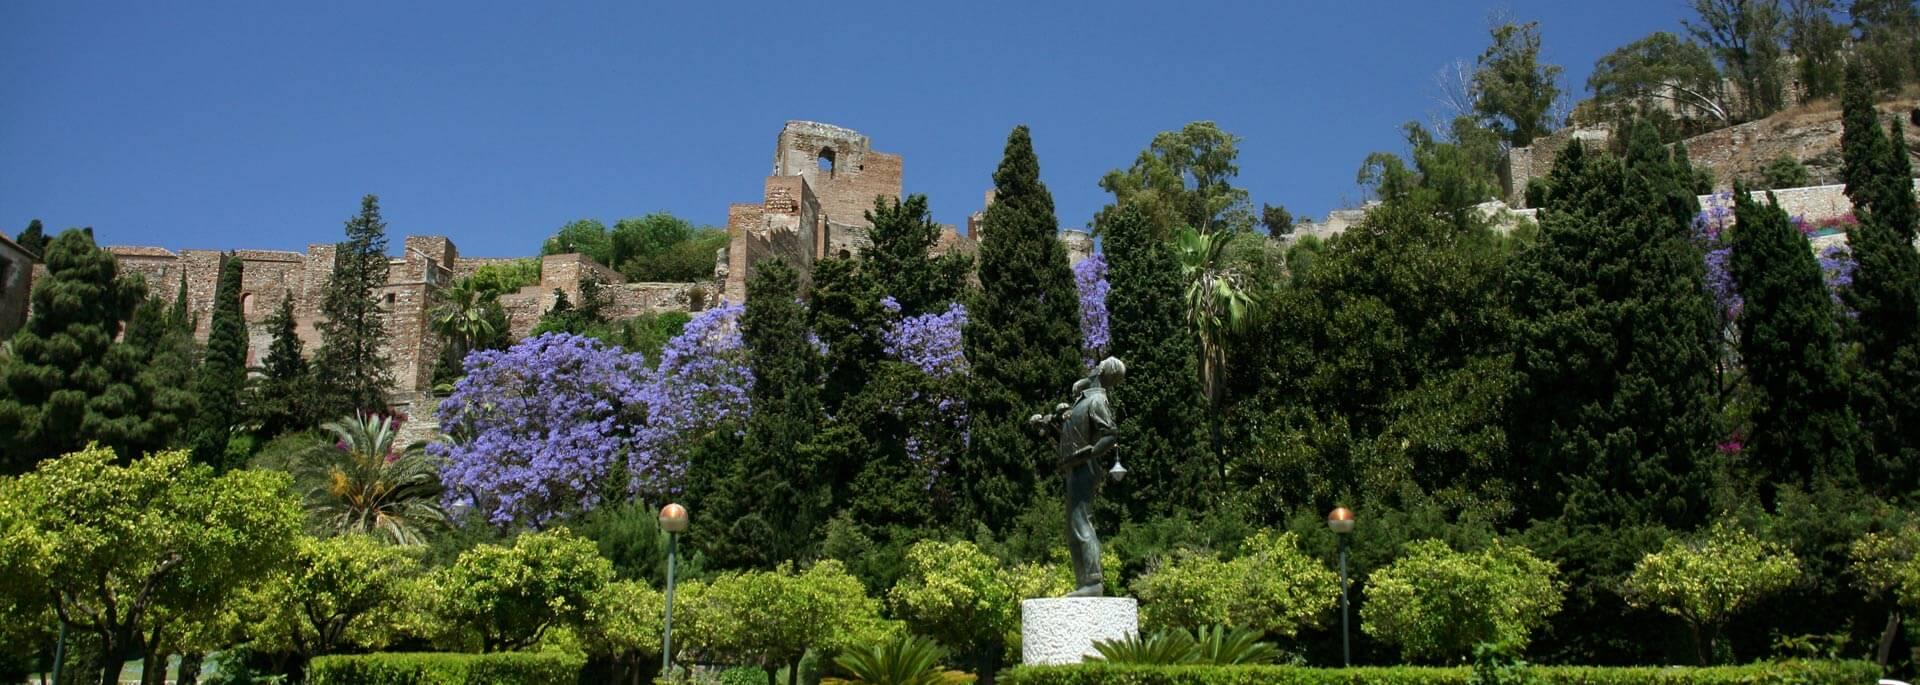 Wie ich in Malaga unter spanischer Sonne und blauen Jacarandas weilte